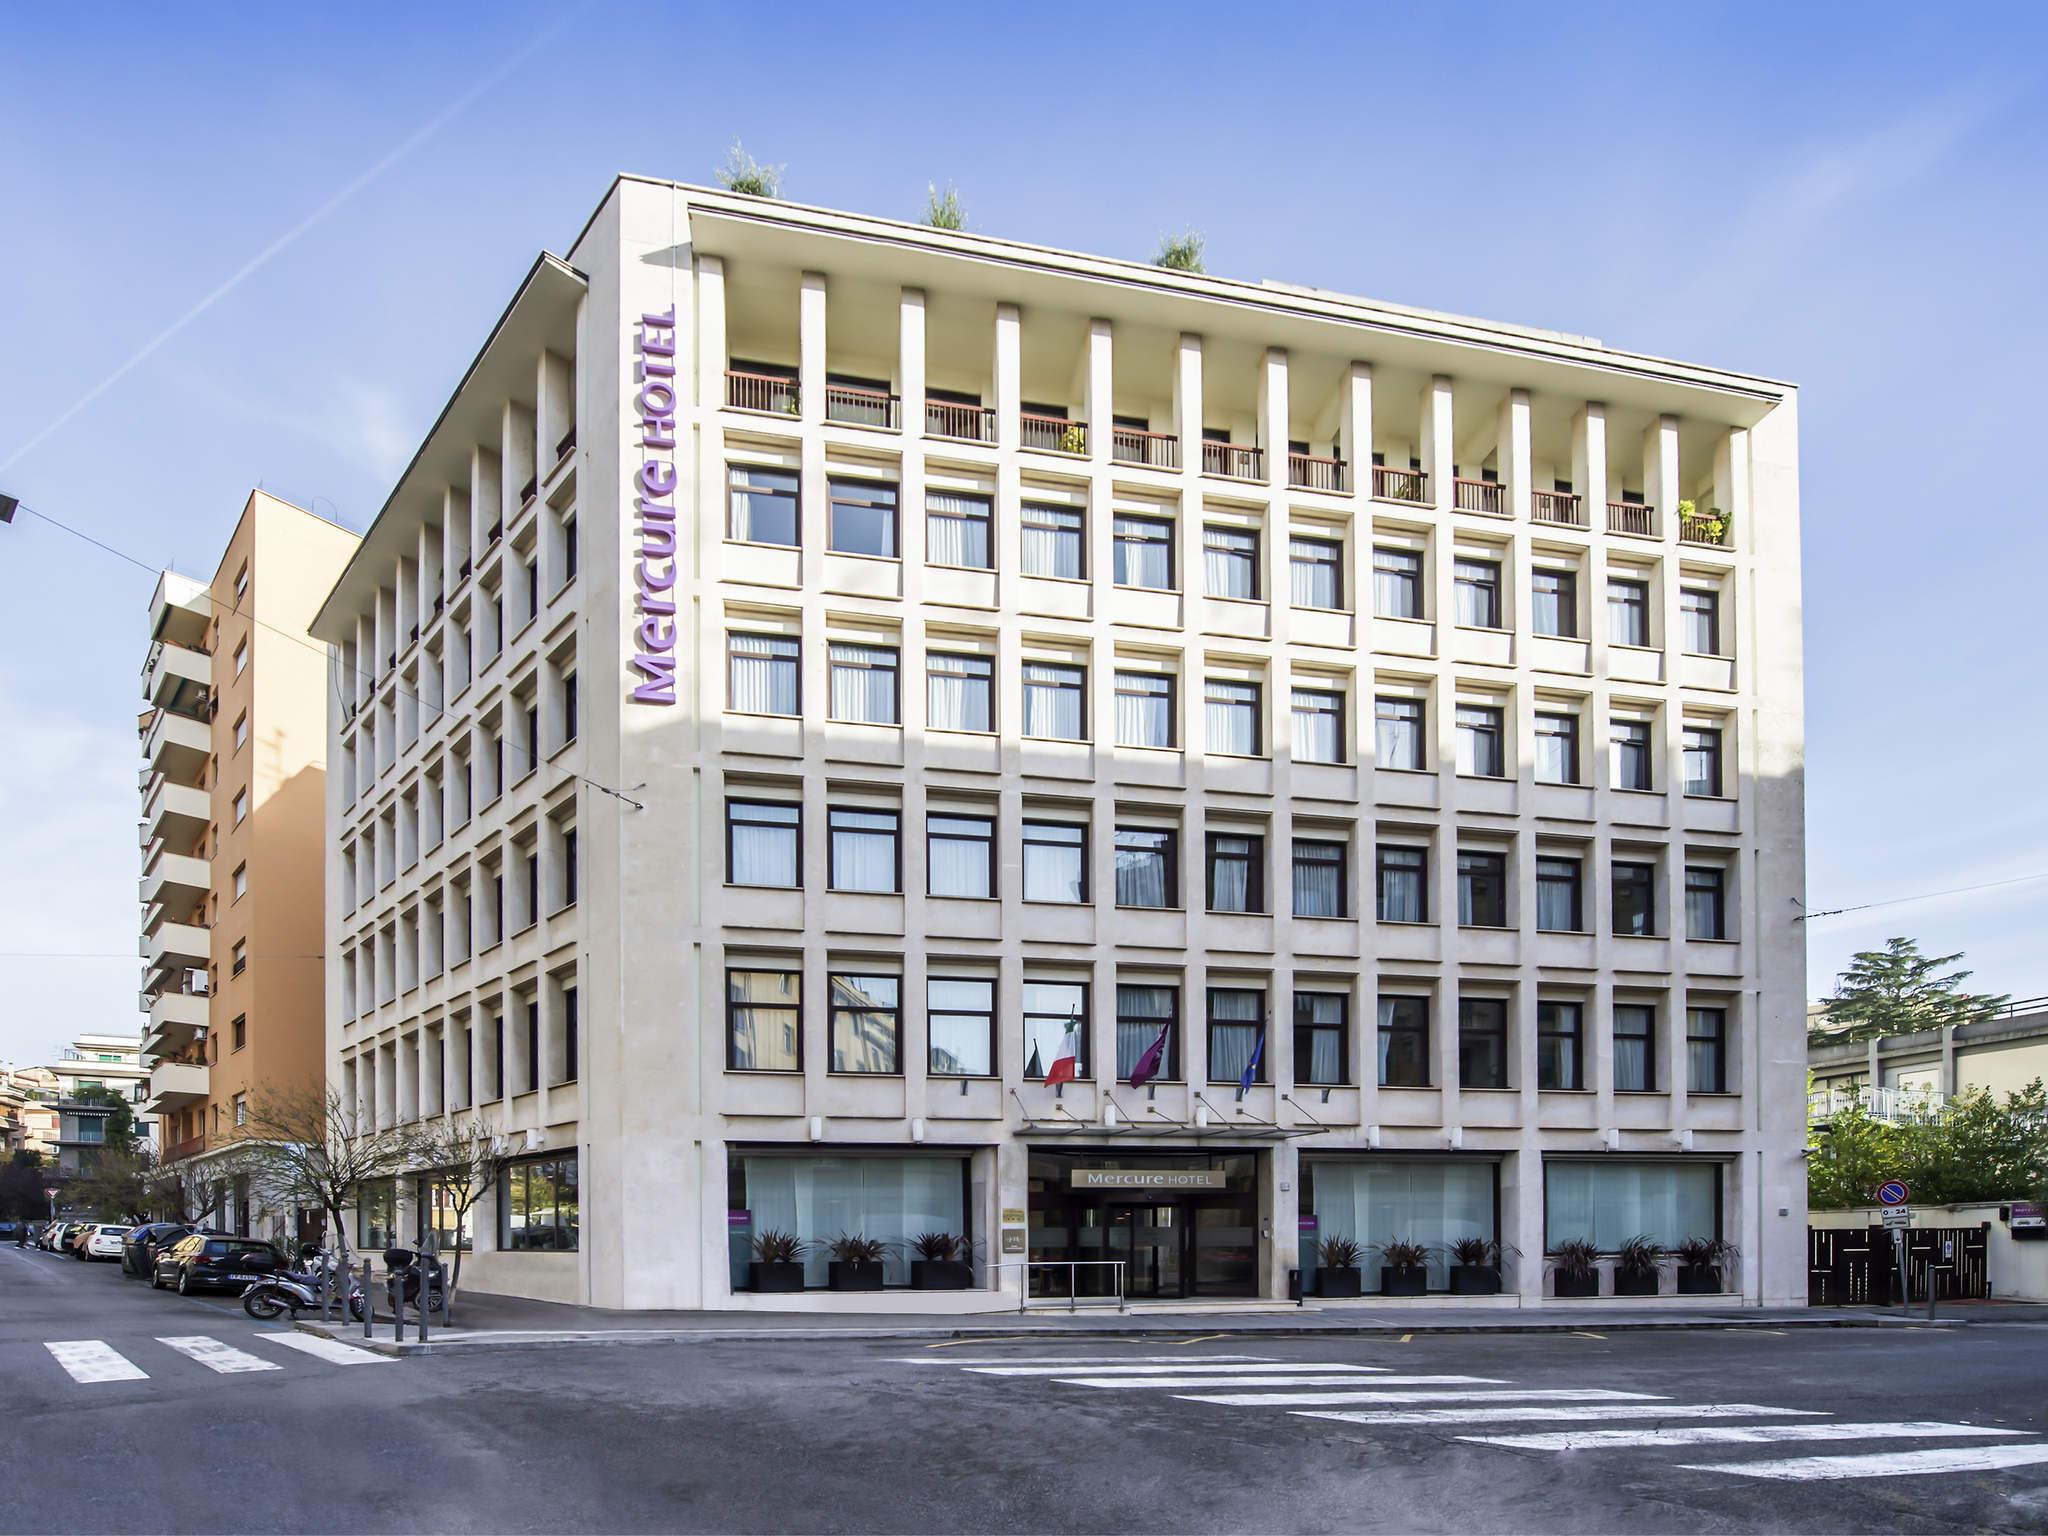 فندق - مركيور Mercure روما بيازا بولونيا